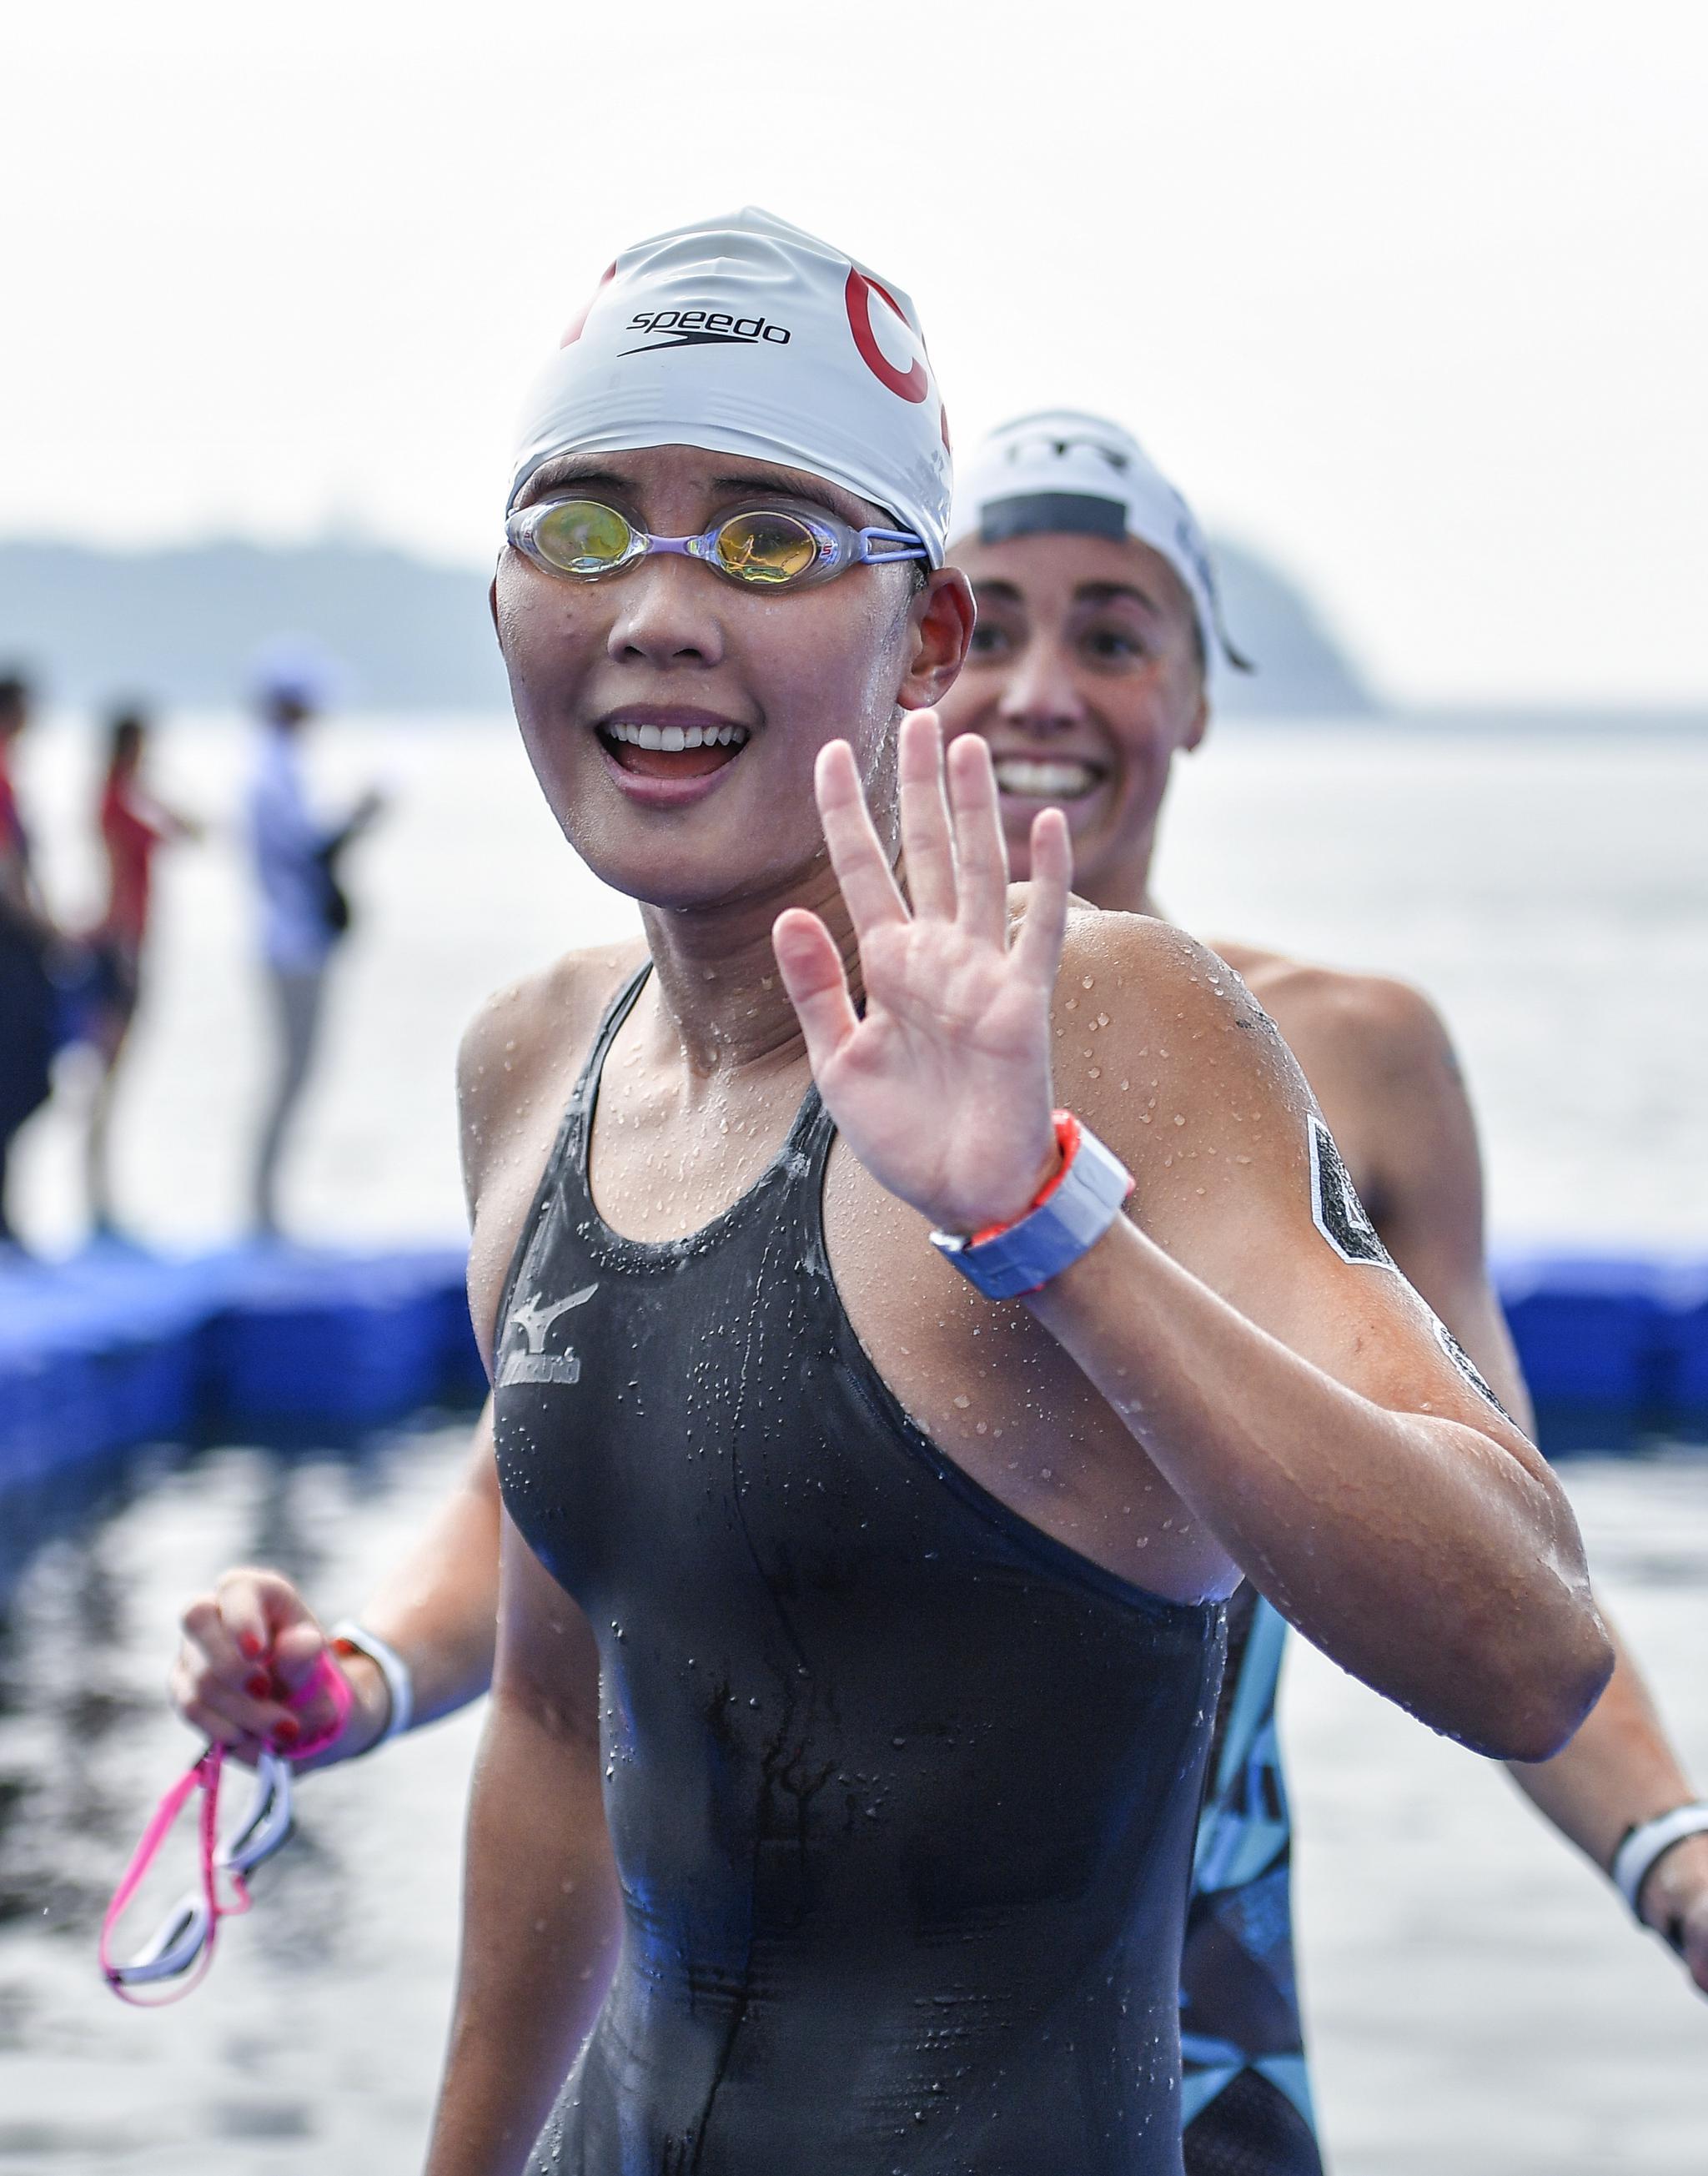 辛鑫将参加马拉松游泳世界系列赛千岛湖站比赛